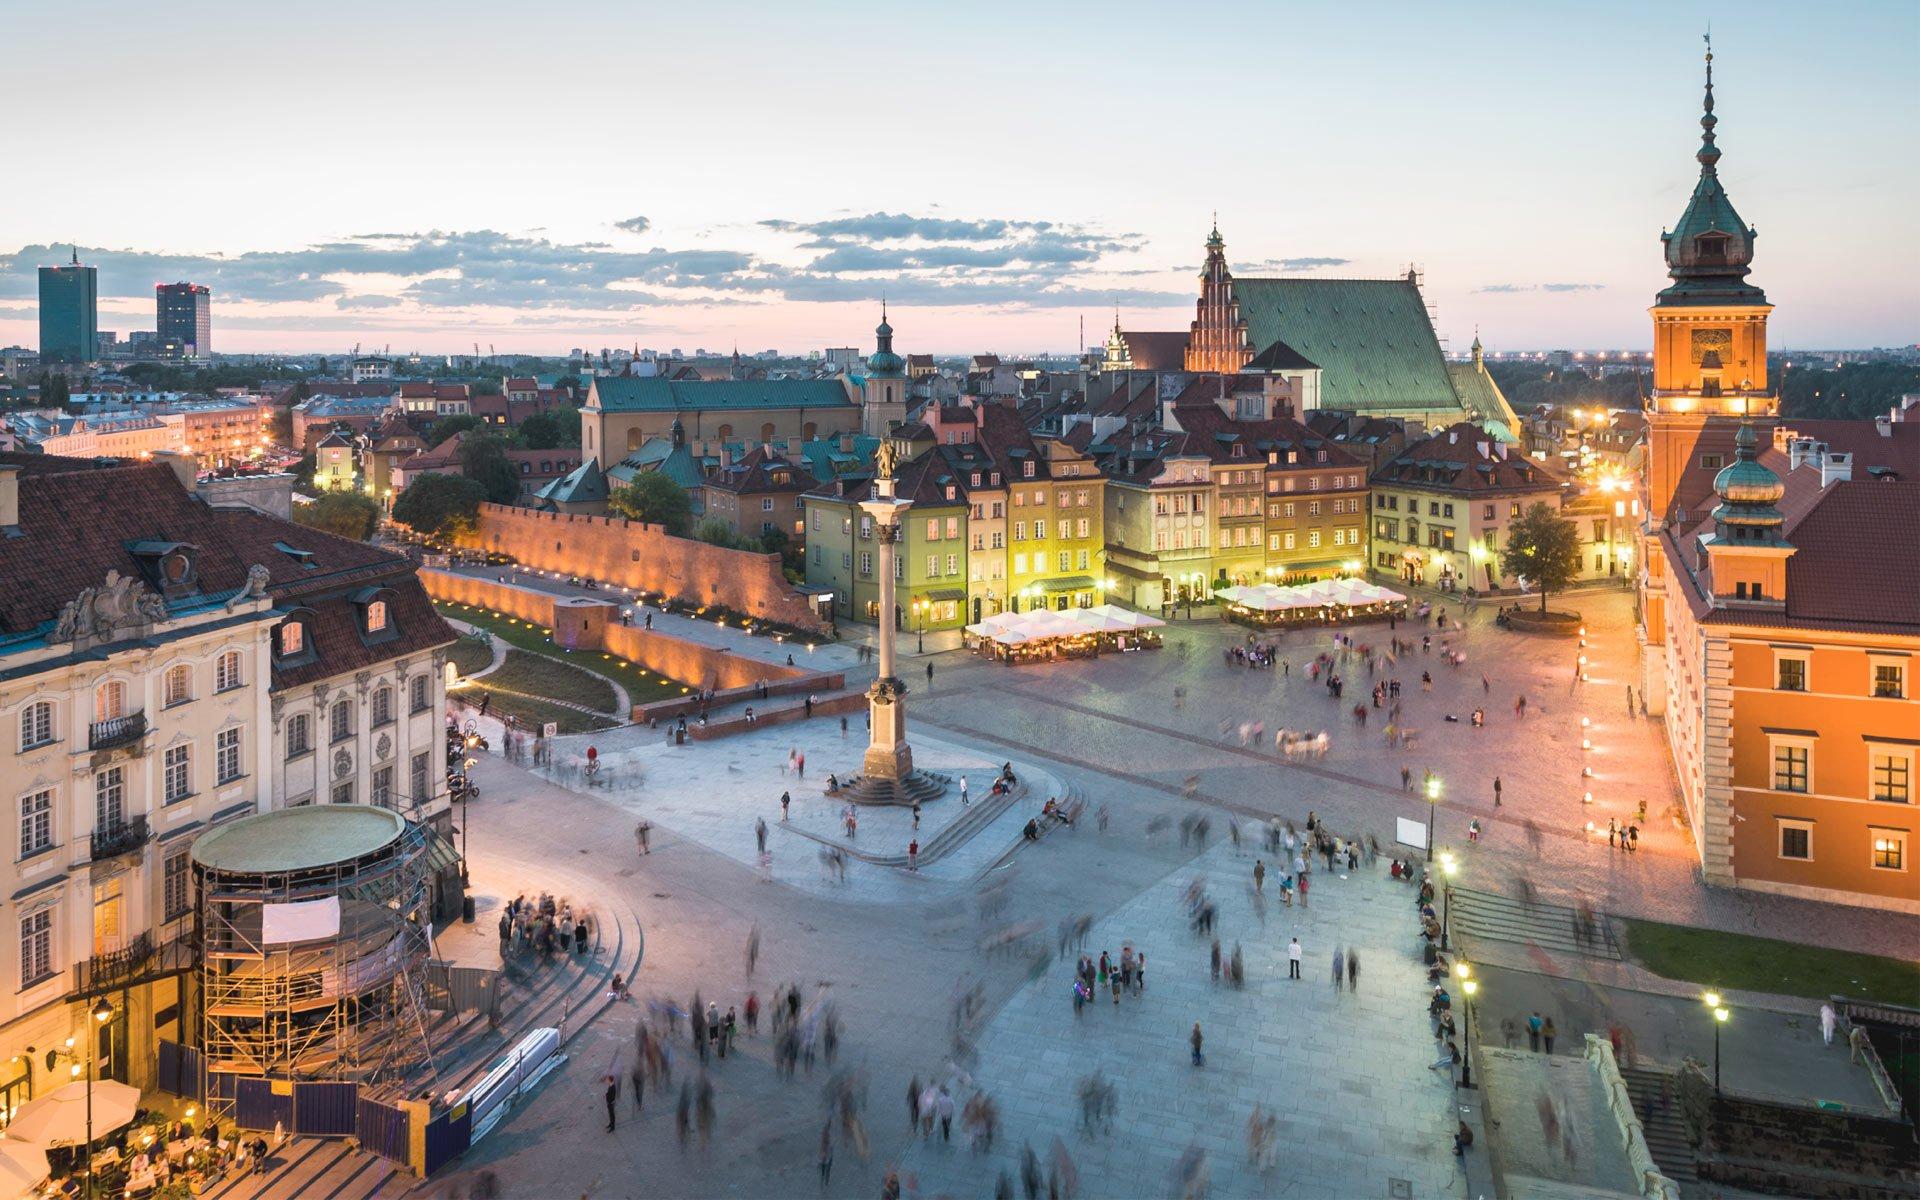 Площадь в городе Польши